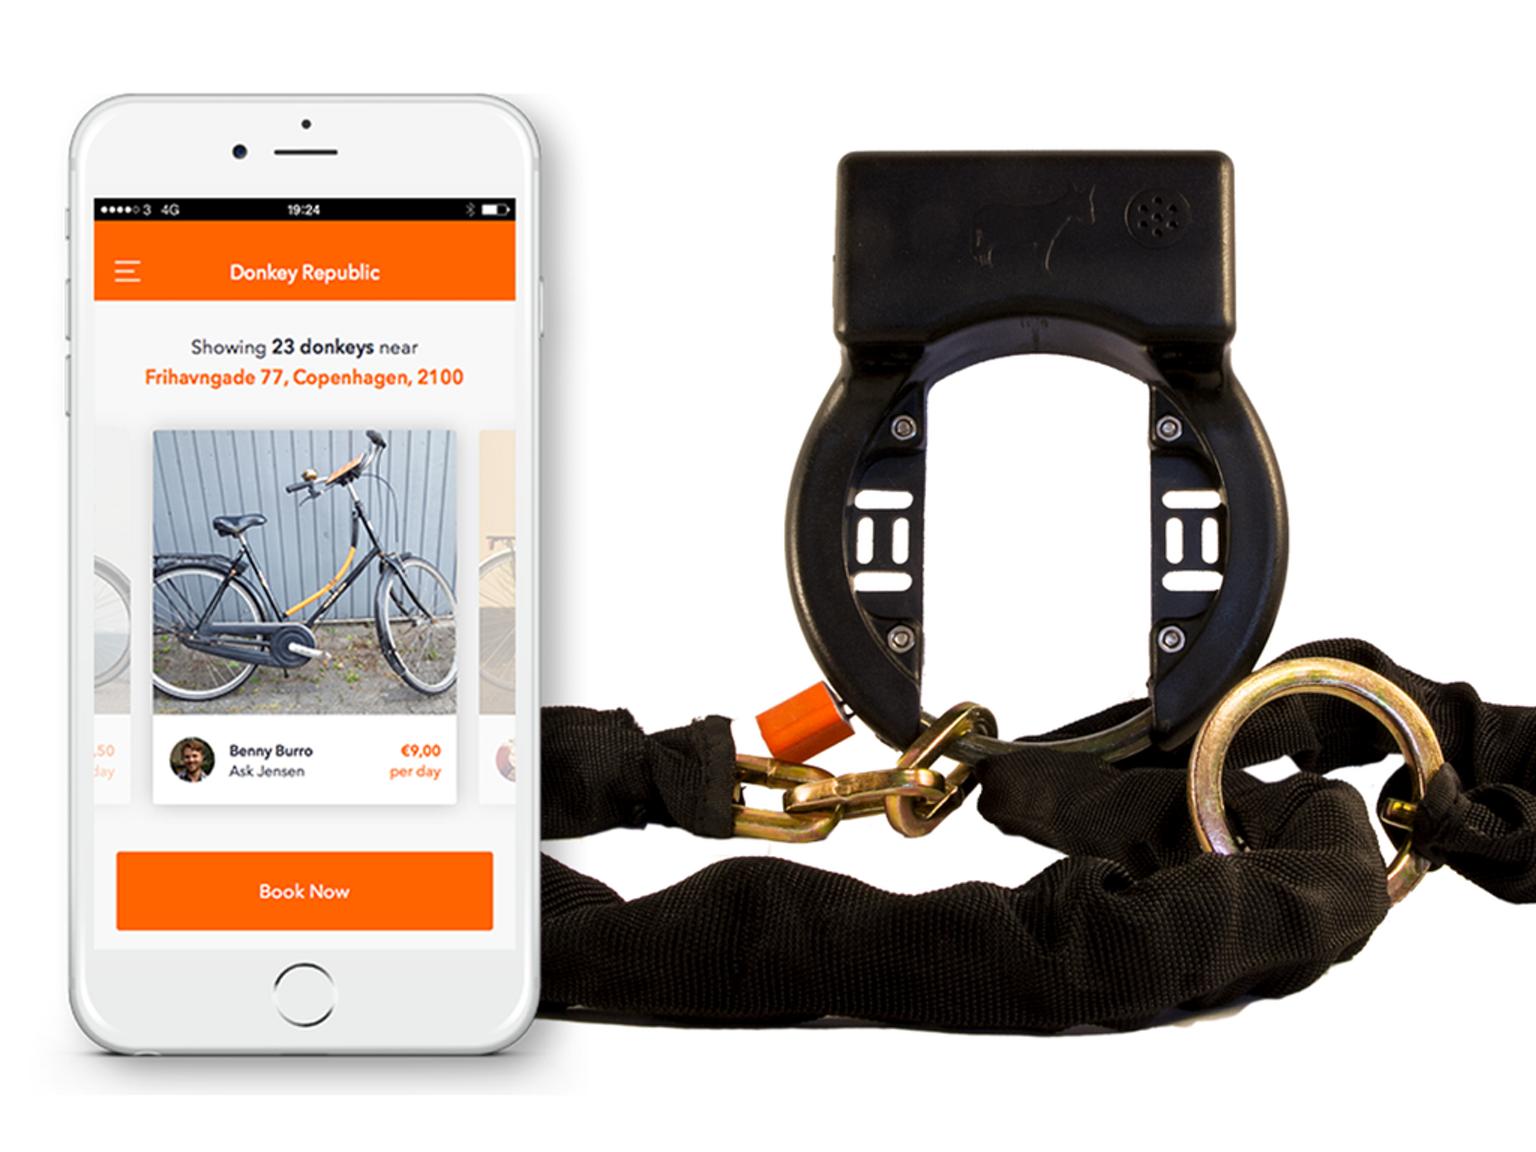 【智能界大百科】AirDonkey智能自行车锁可出租你的闲置自行车